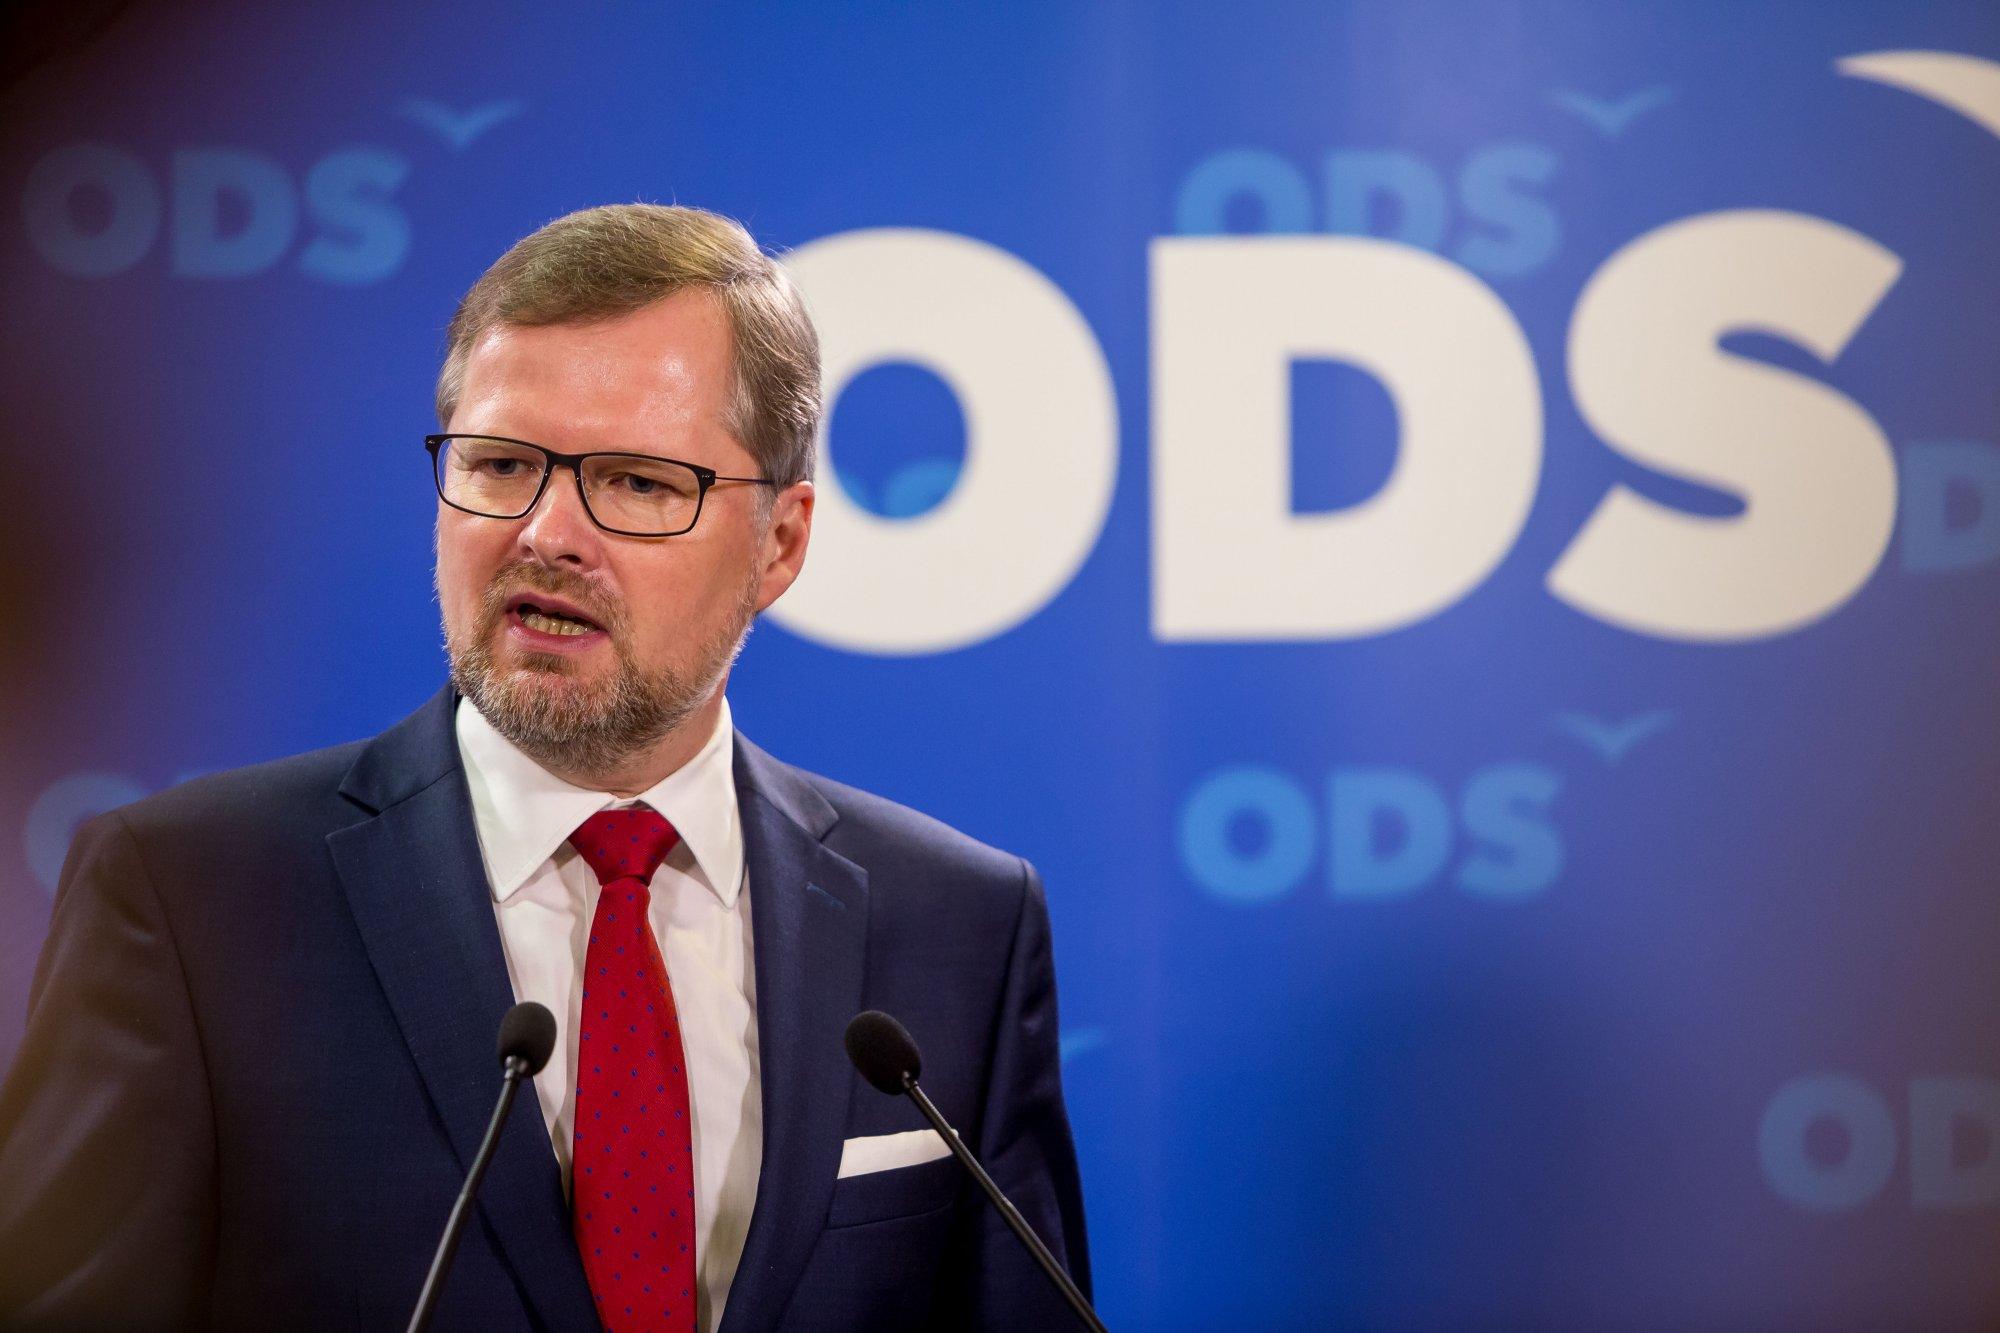 Petr Fiala: Aktuálně.cz: Ponížení ČSSD je varující. Pro veřejnost jsme srozumitelní